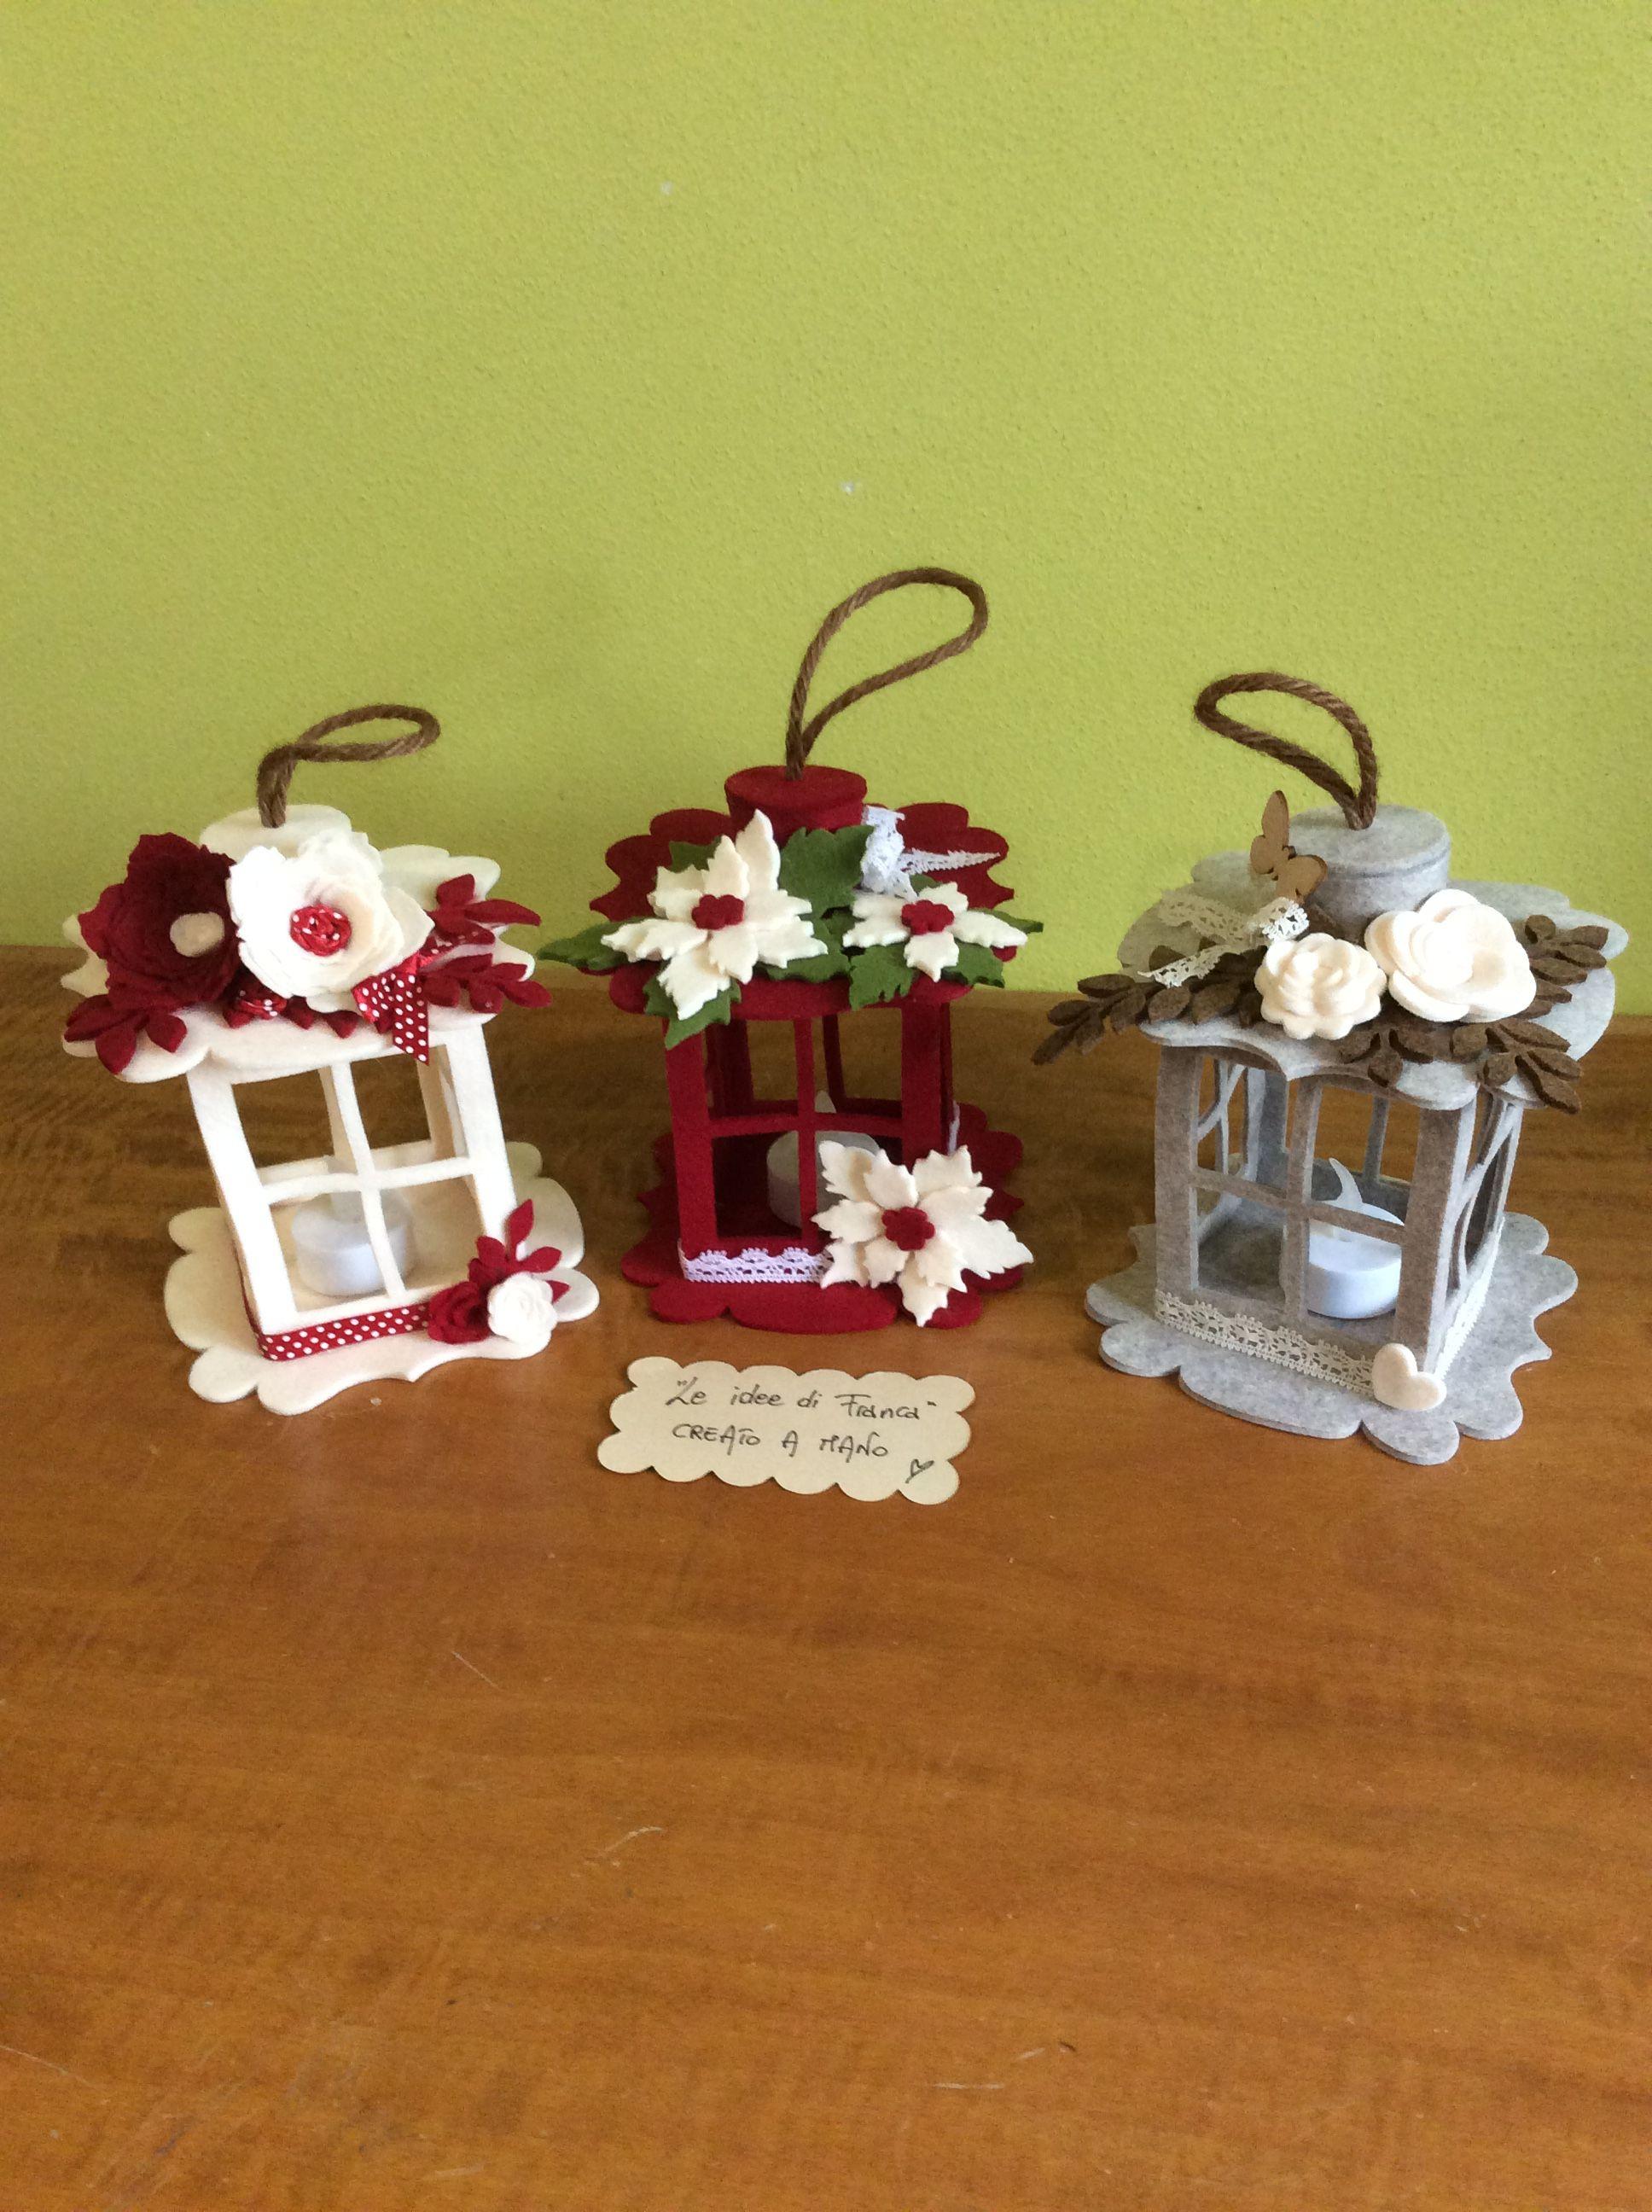 Decorazioni Natalizie In Feltro Pinterest.Lanterne In Feltro Fai Da Te Lanterne Di Natale Ornamento Di